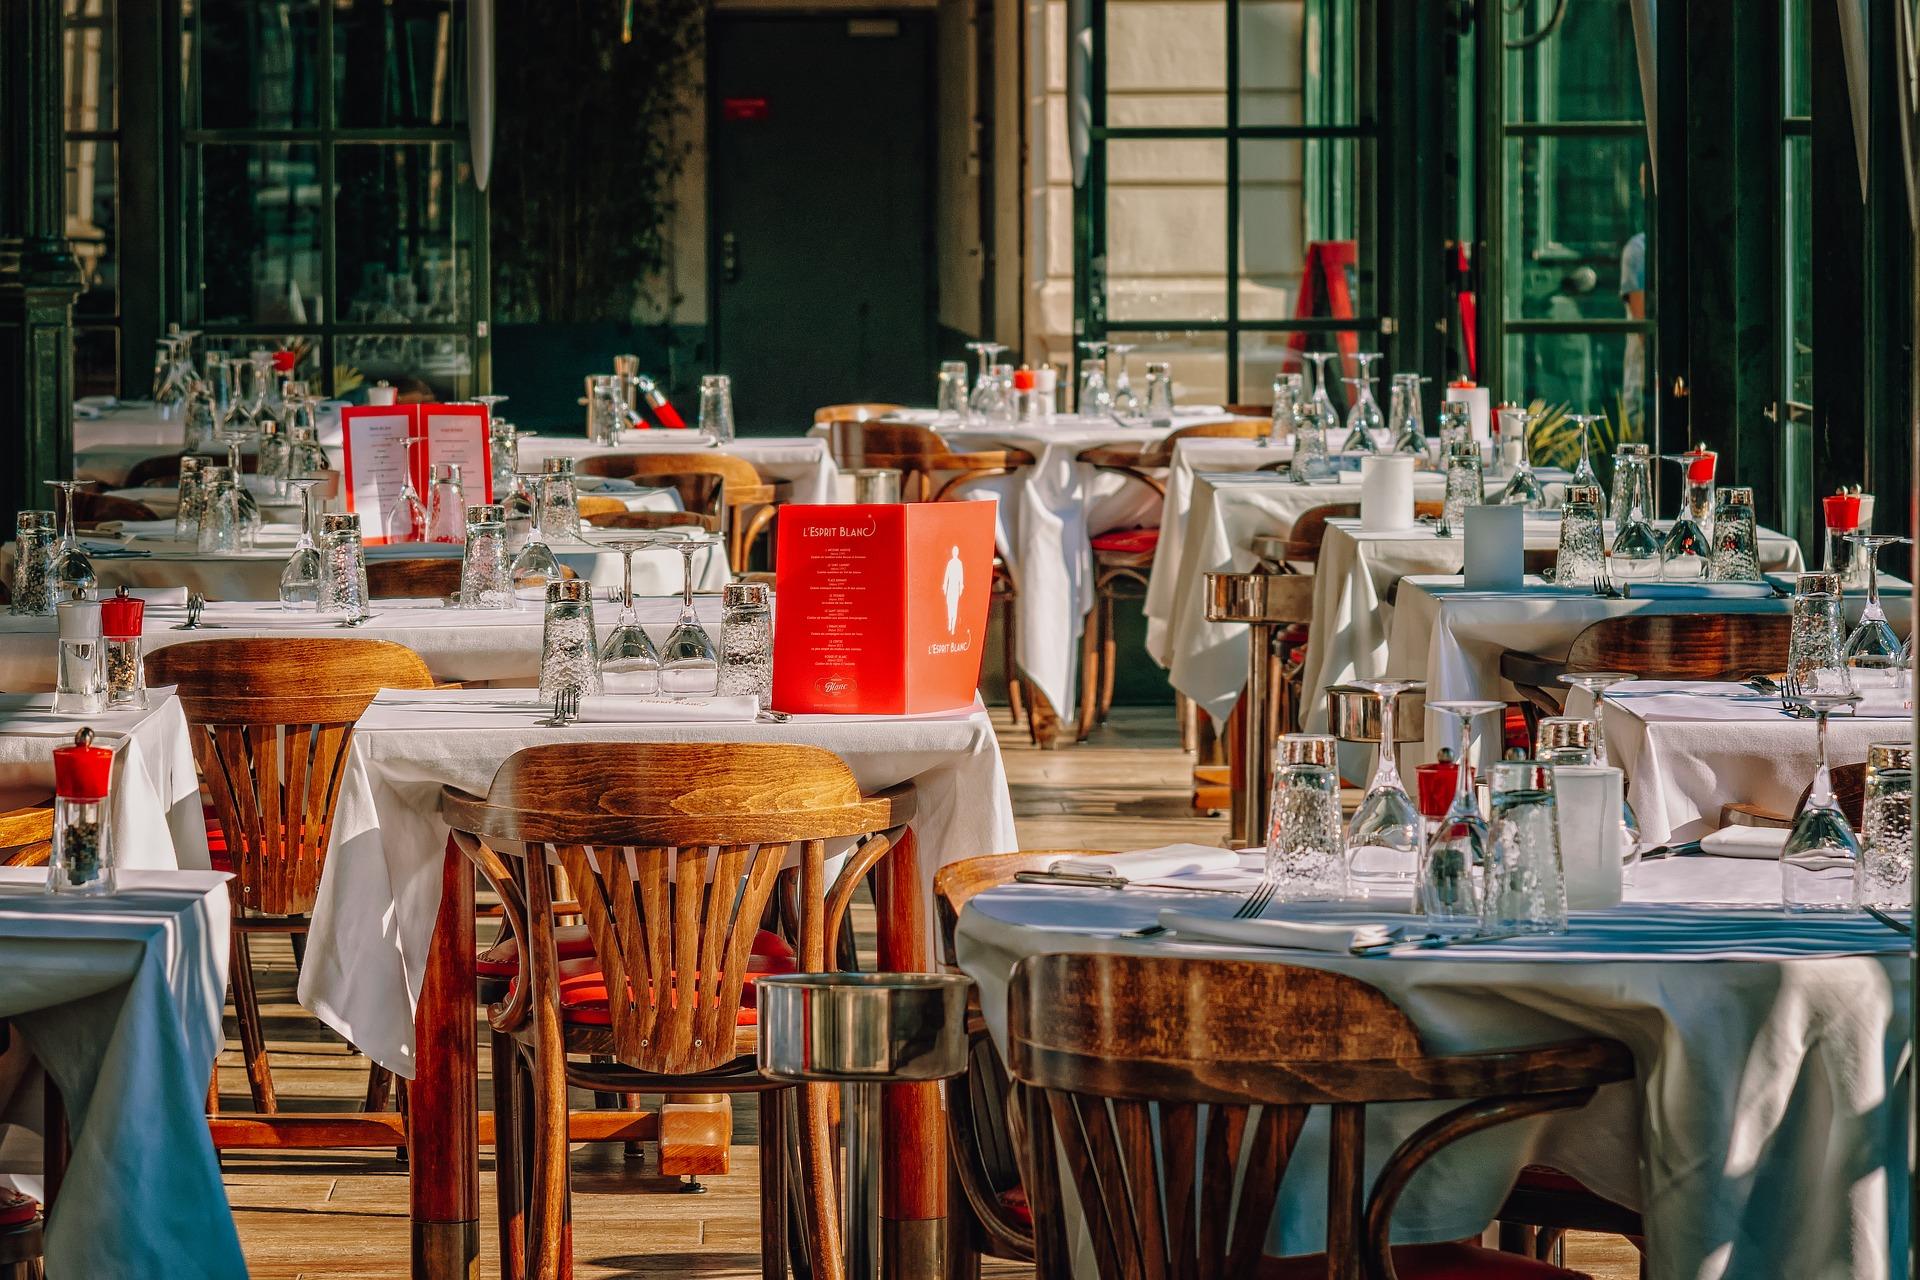 Savourez la cuisine du lagon dans les innombrables trattorias, bacari et restaurants gastronomiques de la ville